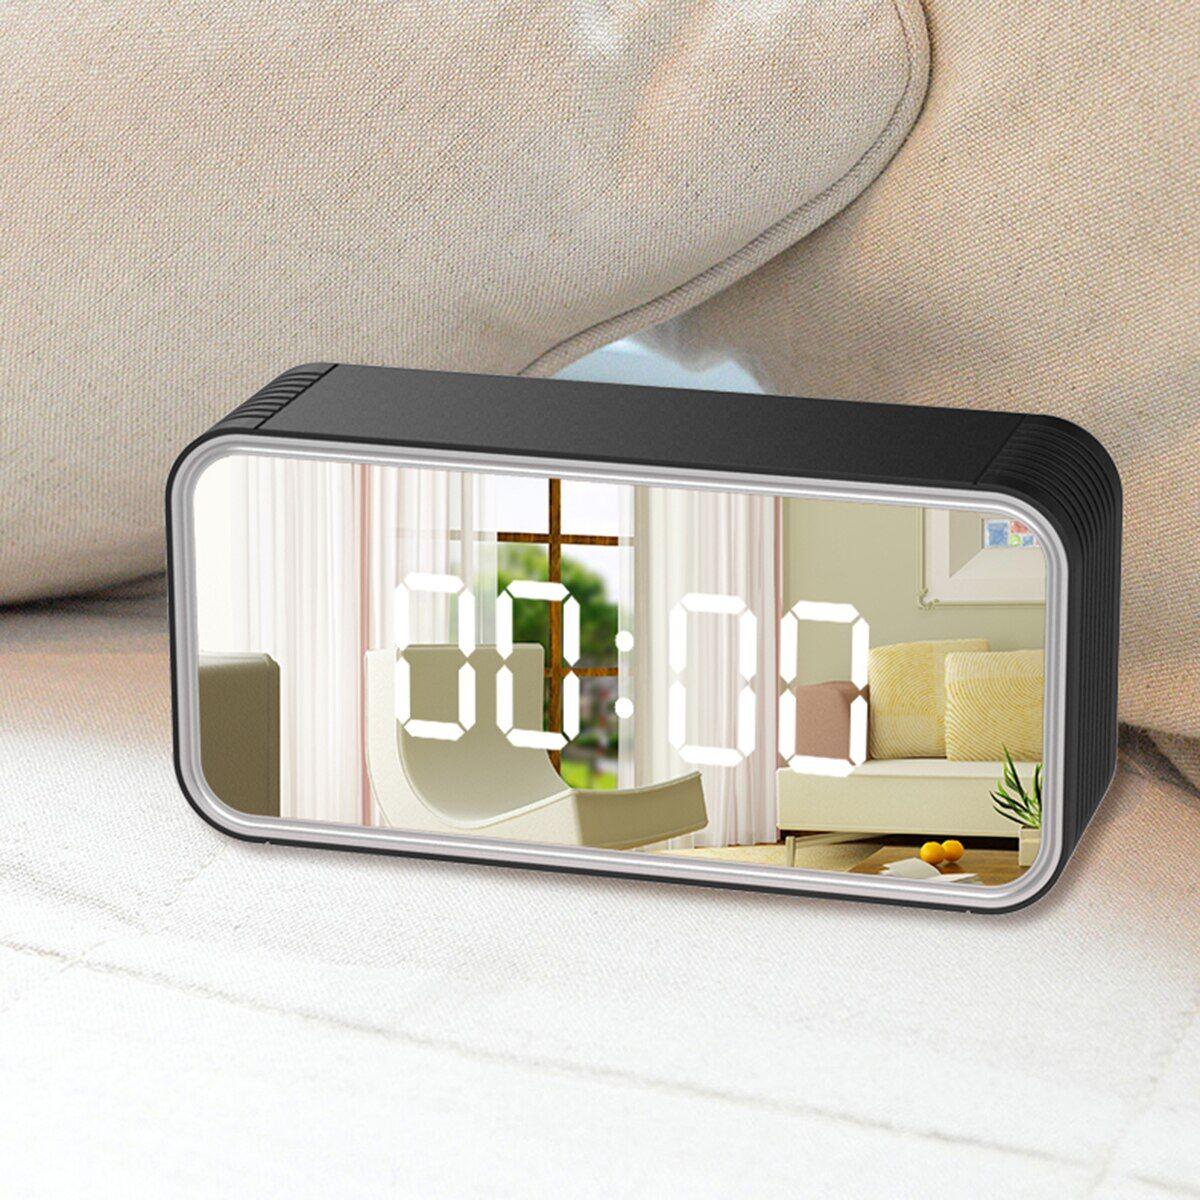 AliExpress Mini caméra sans fil 4K HD WIFI, horloge de sécurité à domicile, réveil, enregistreur avec 8 led IR,